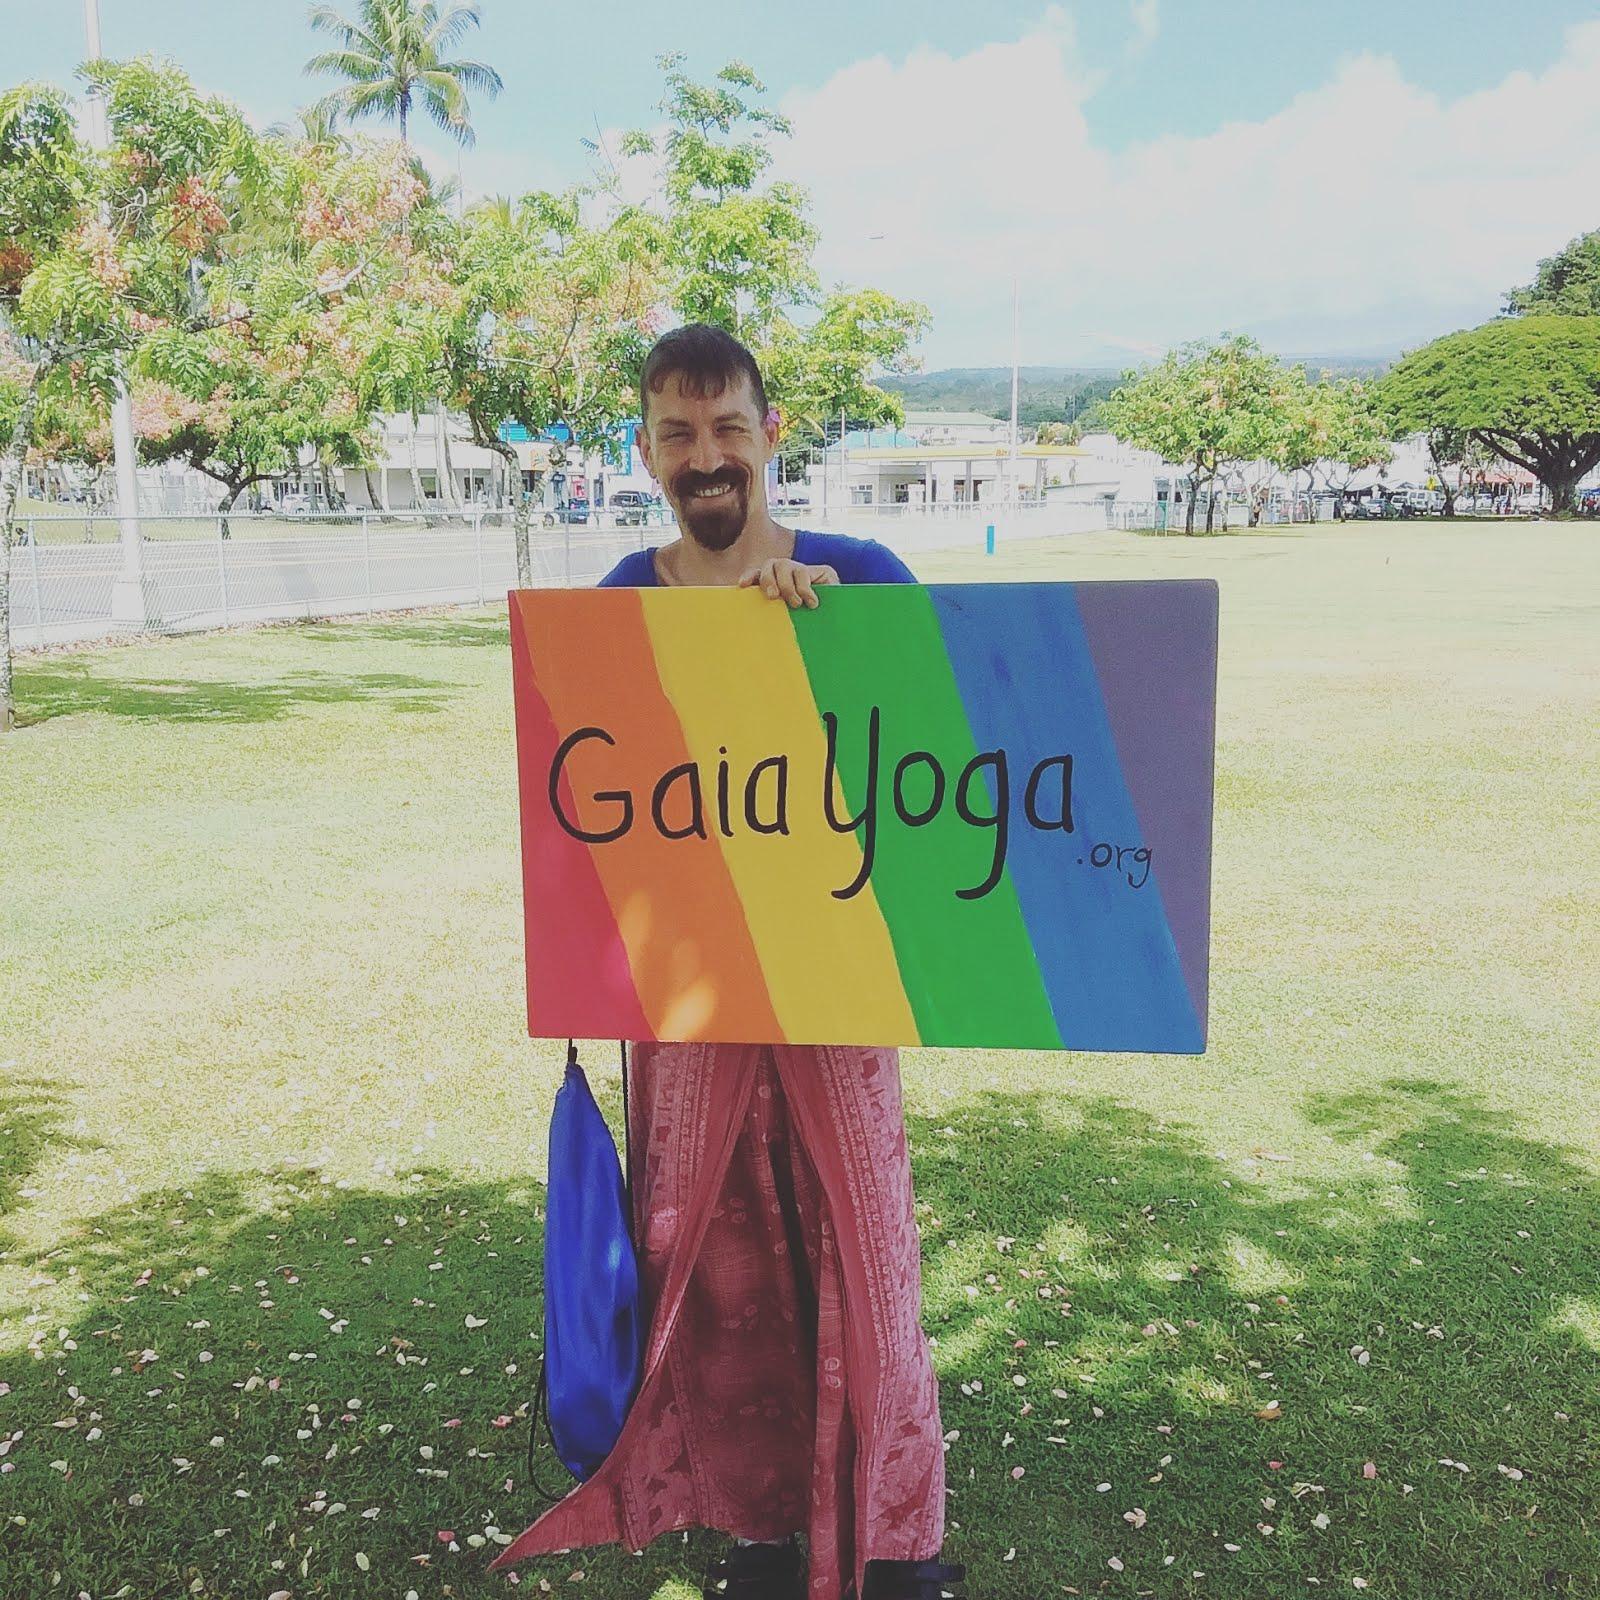 GaiaYoga